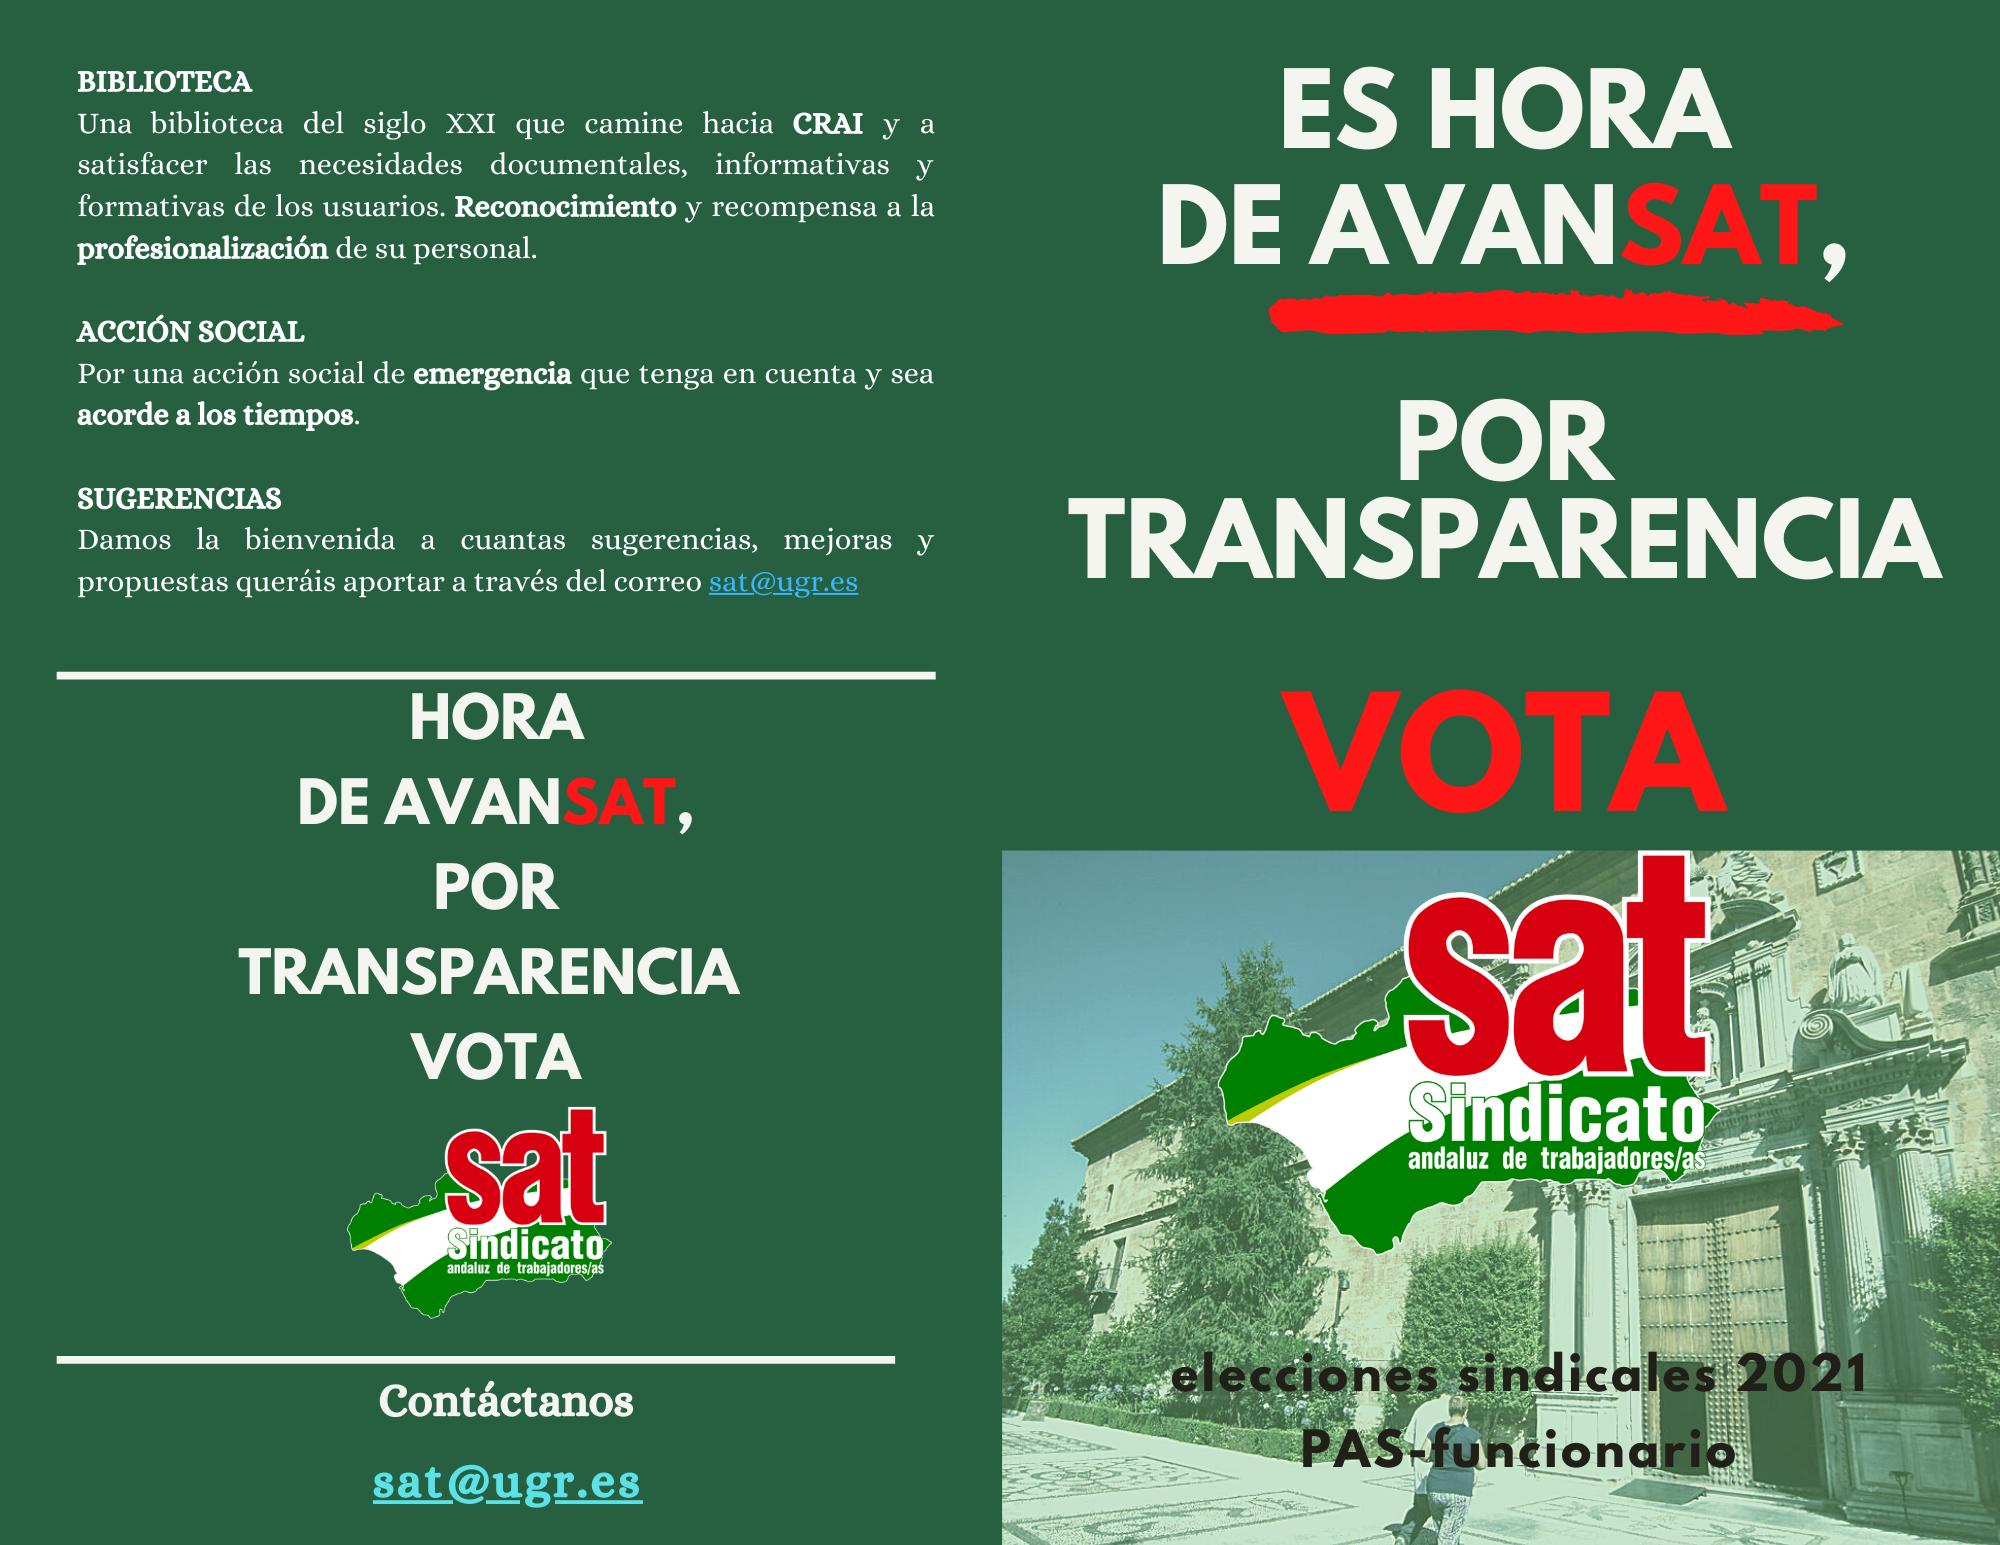 elecciones-sindicales-2021-pas-funcionario.